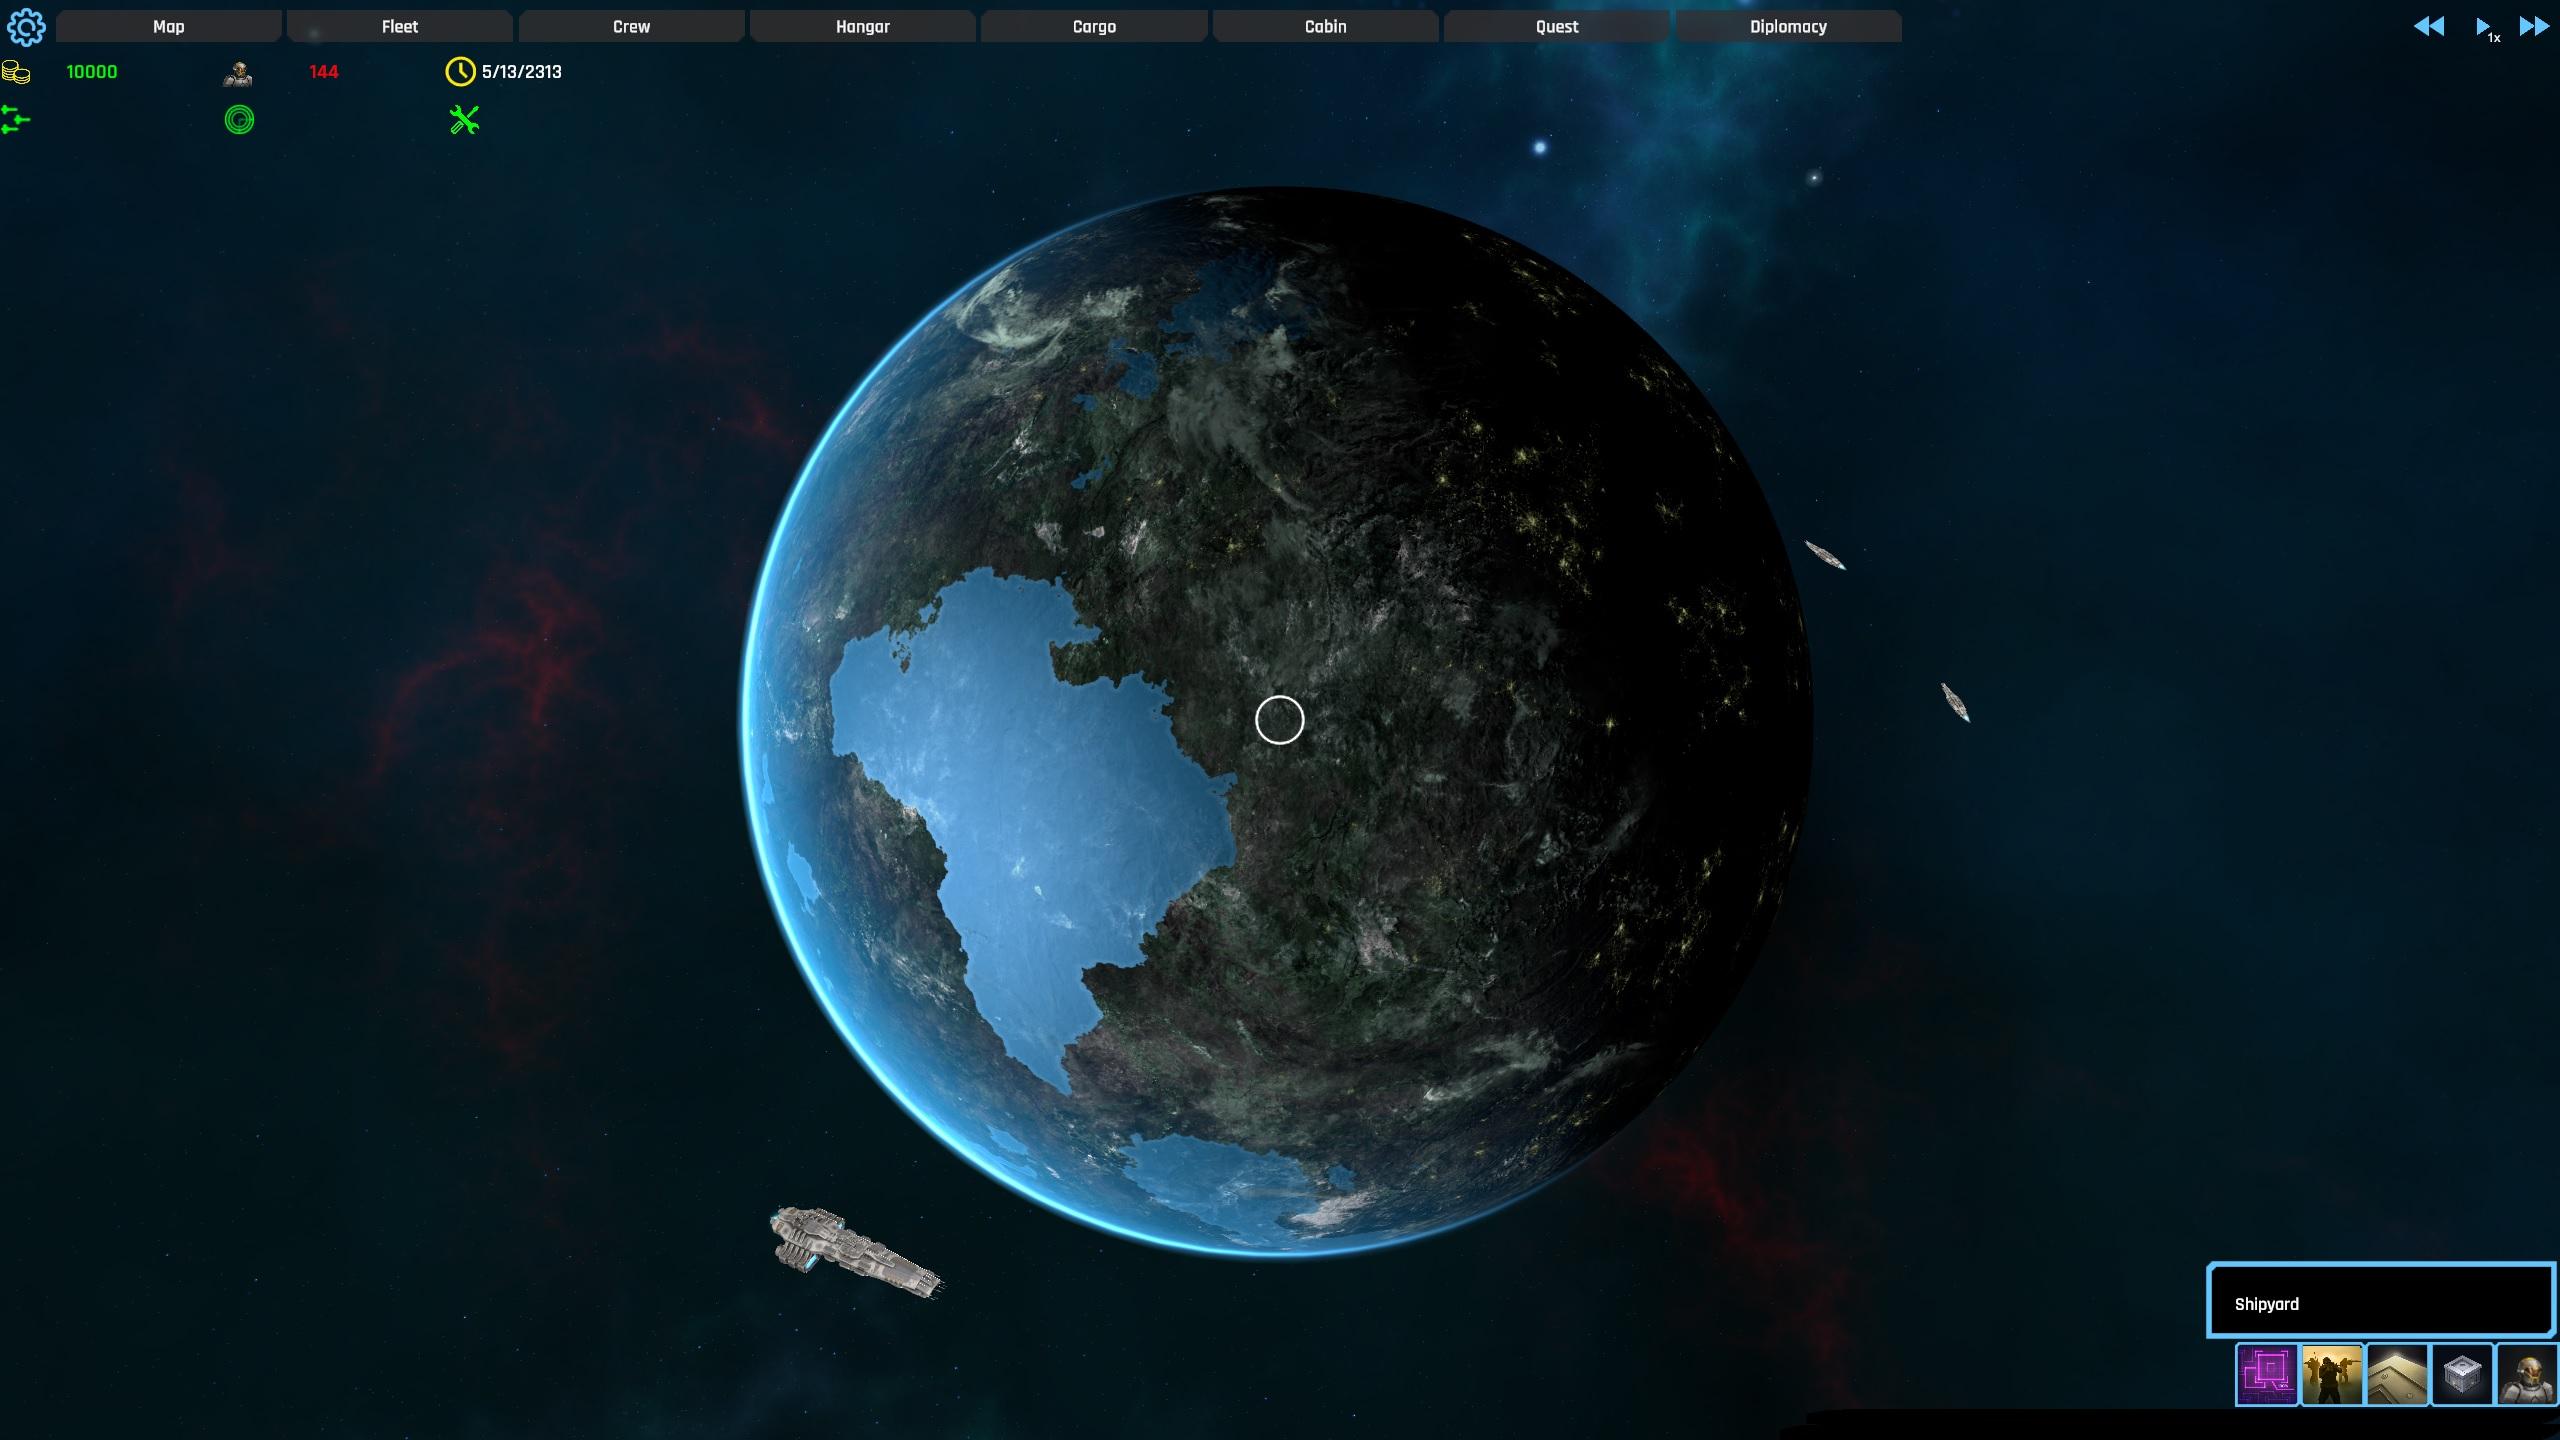 2 orbit